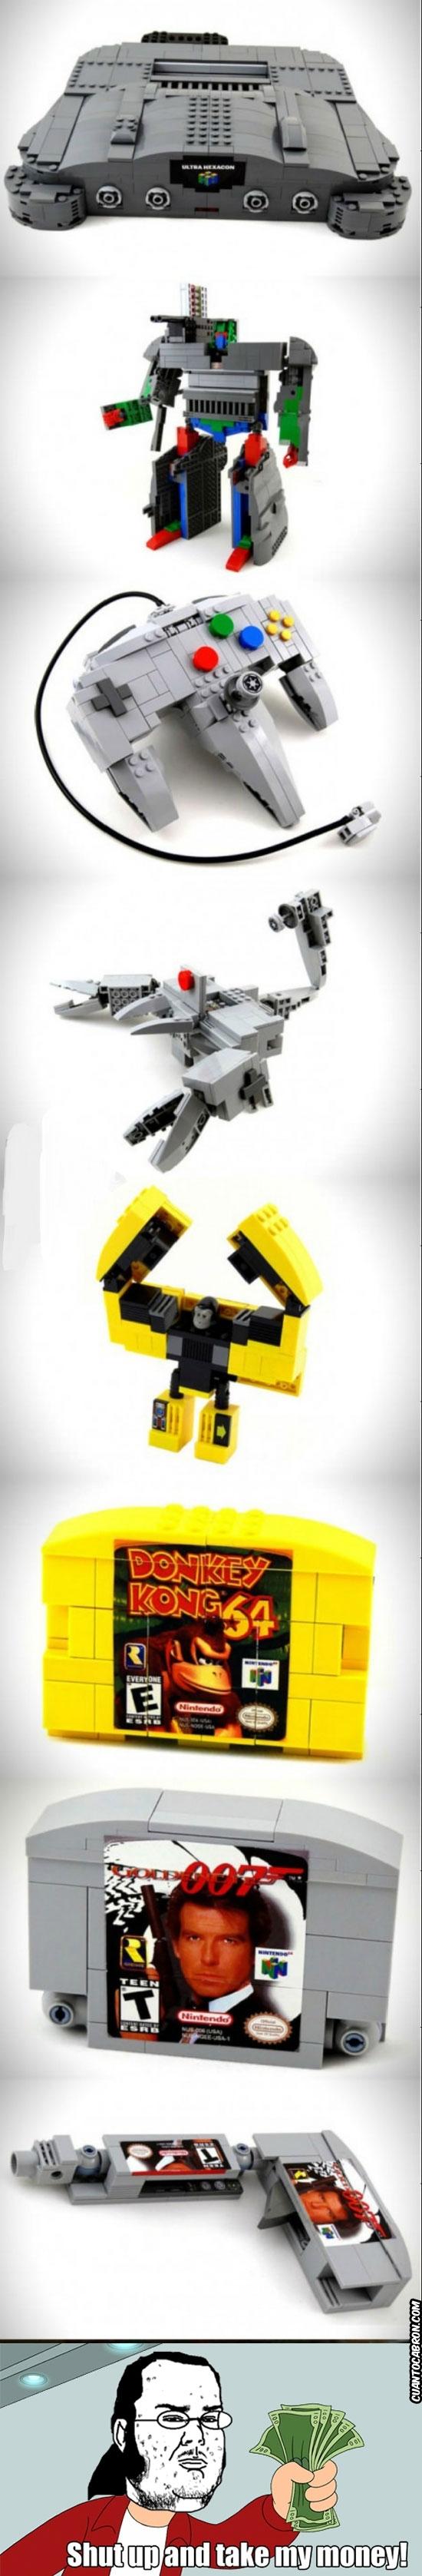 Fry - Transformers especiales